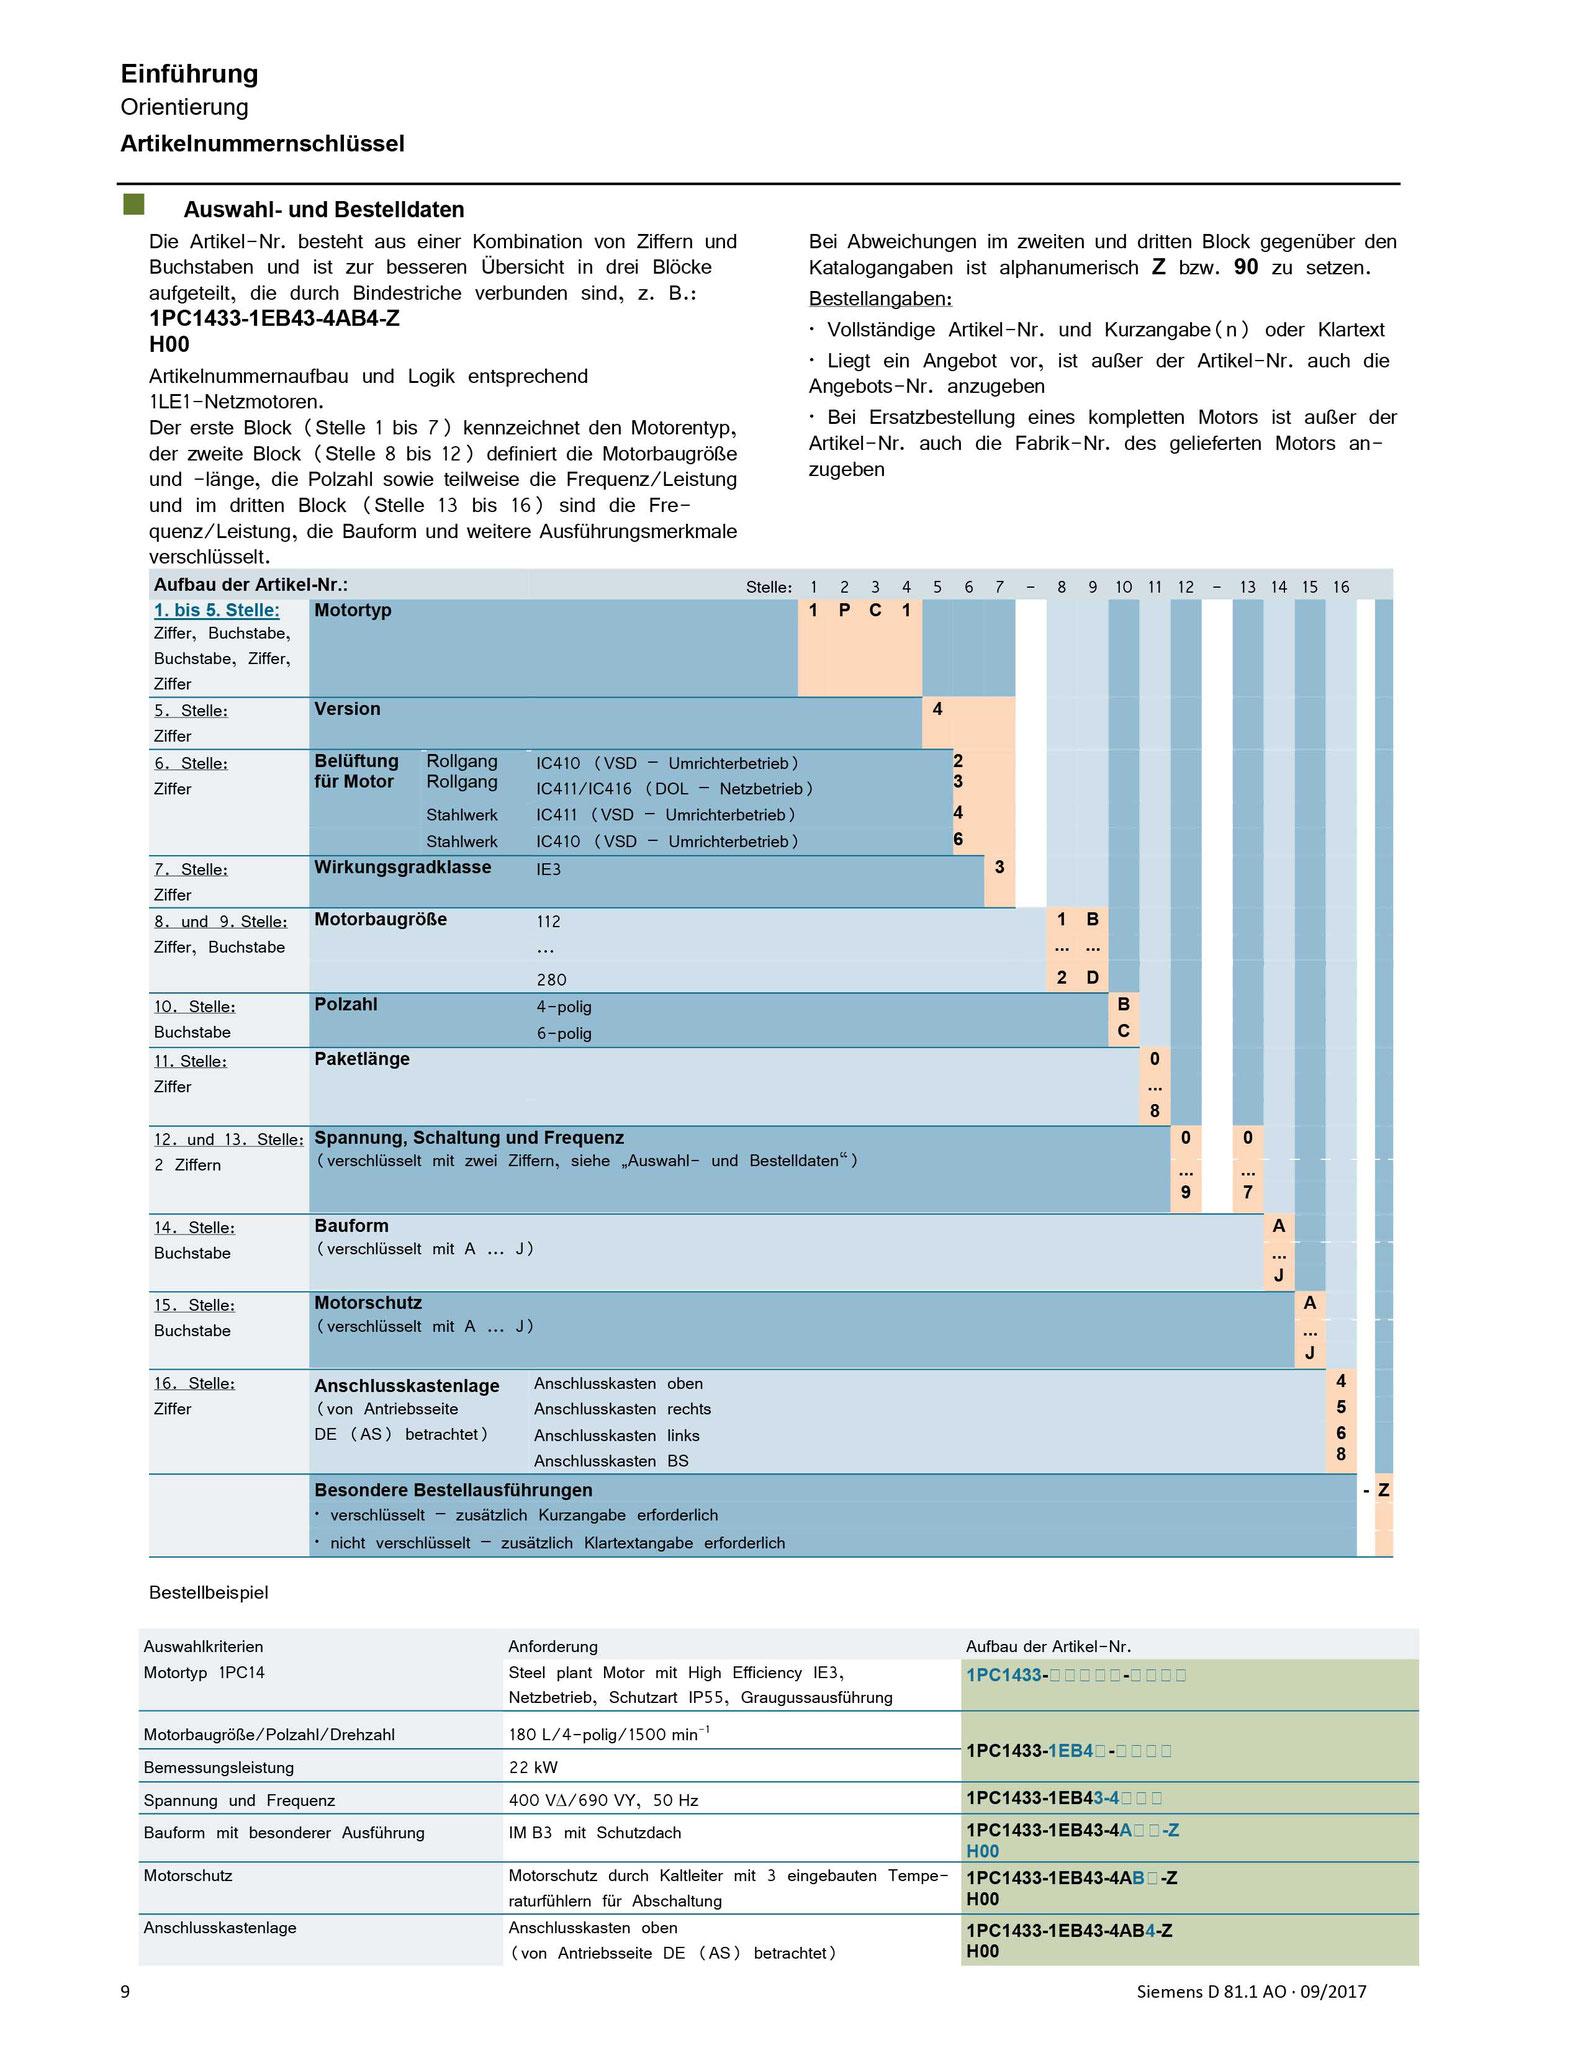 Siemens Katalog (SIMOTICS DP branchenspezifisch): Artikelnummernschlüssel  Übersicht © Siemens AG 2019, Alle Rechte vorbehalten